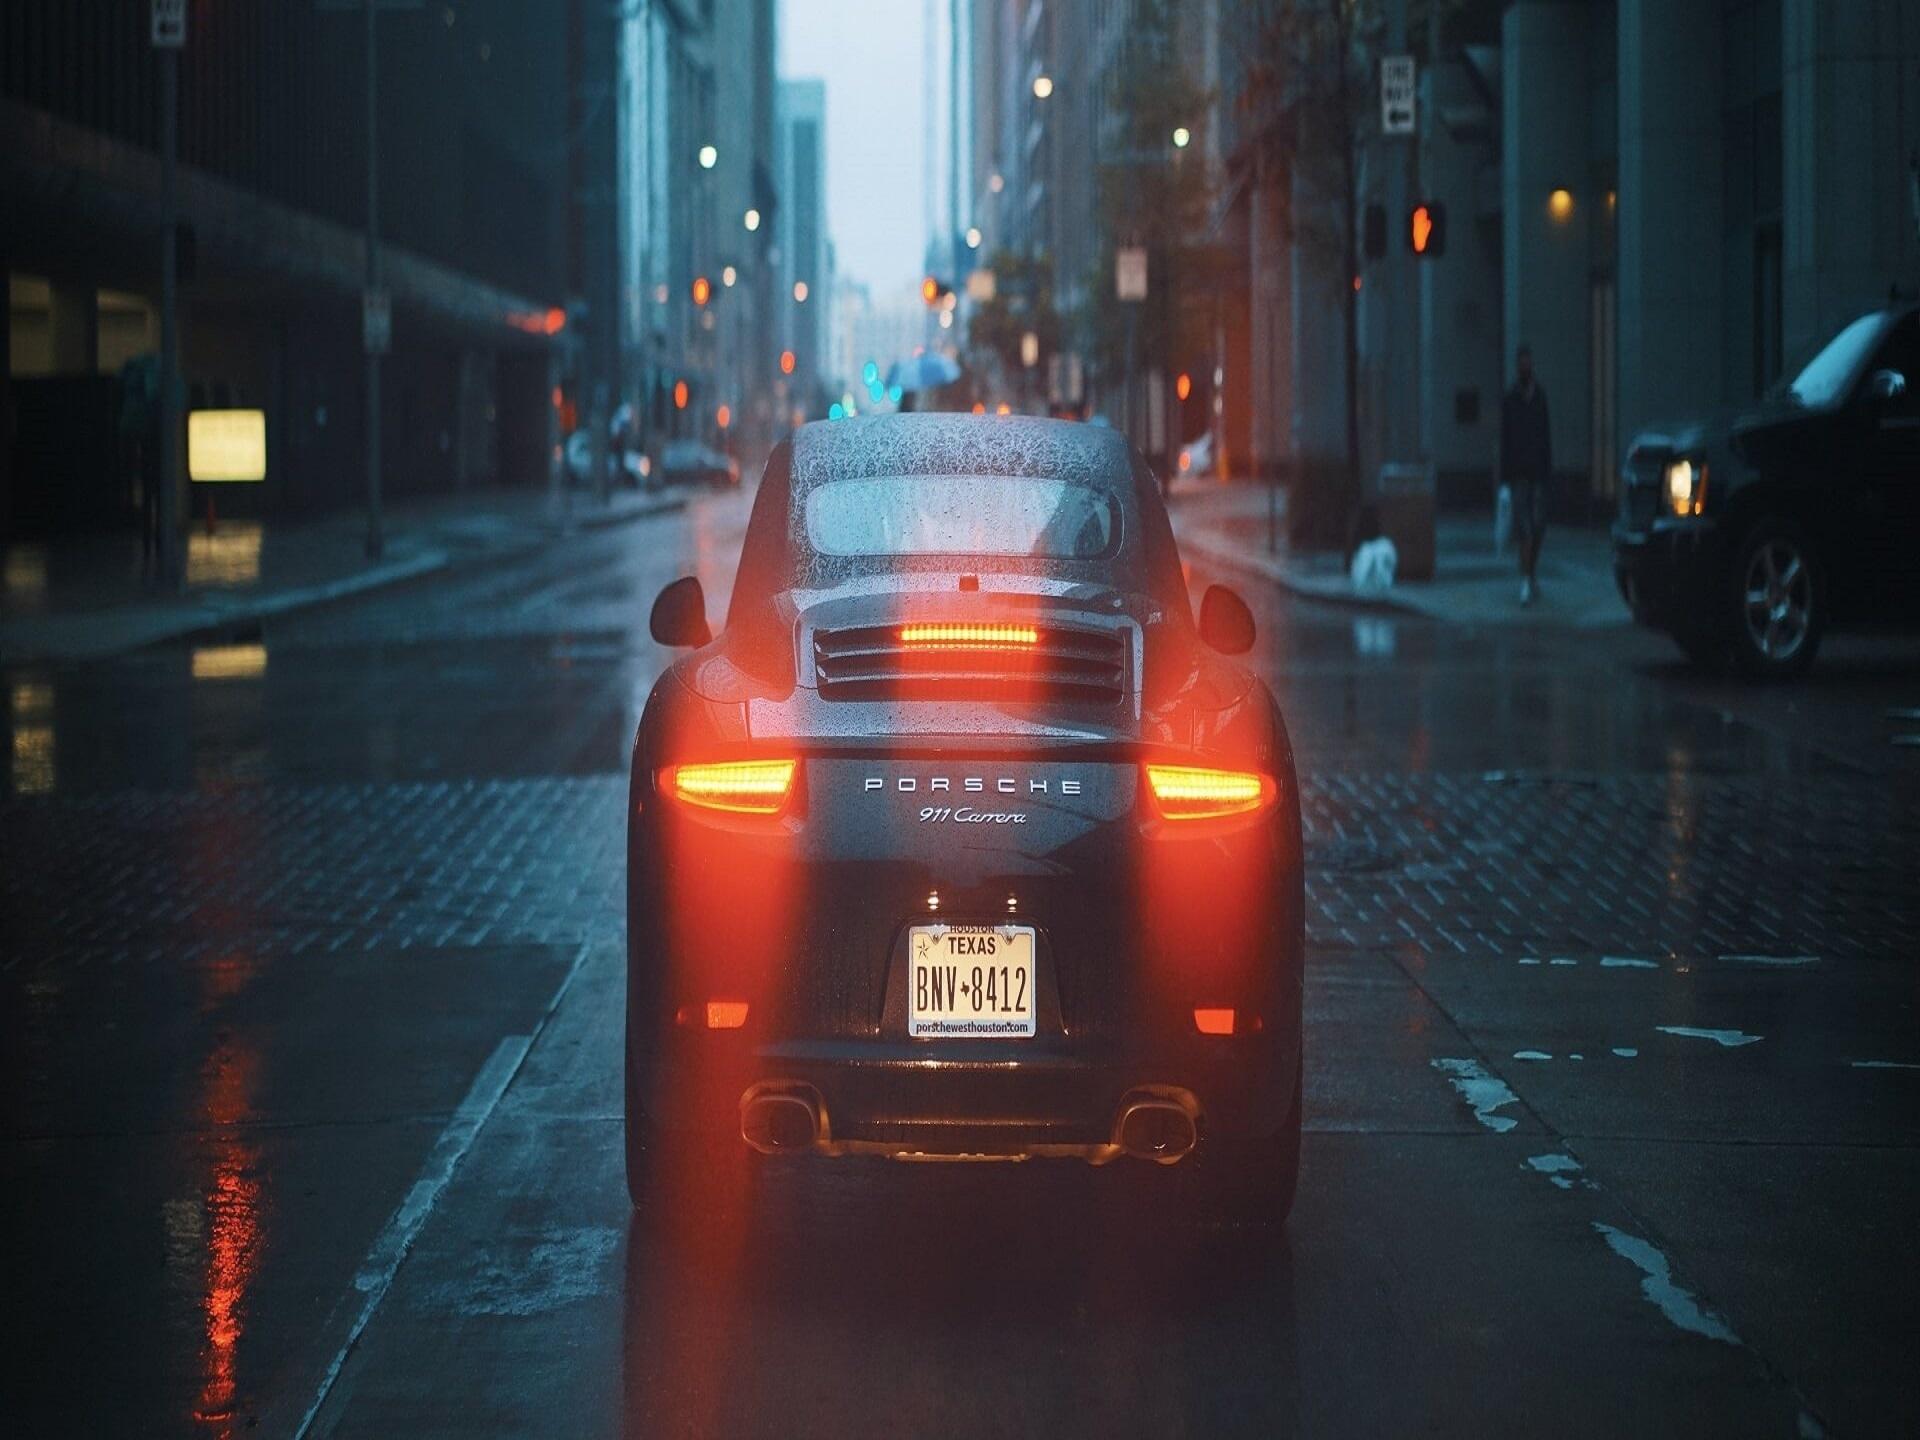 מהו יבוא אישי של כלי רכב?